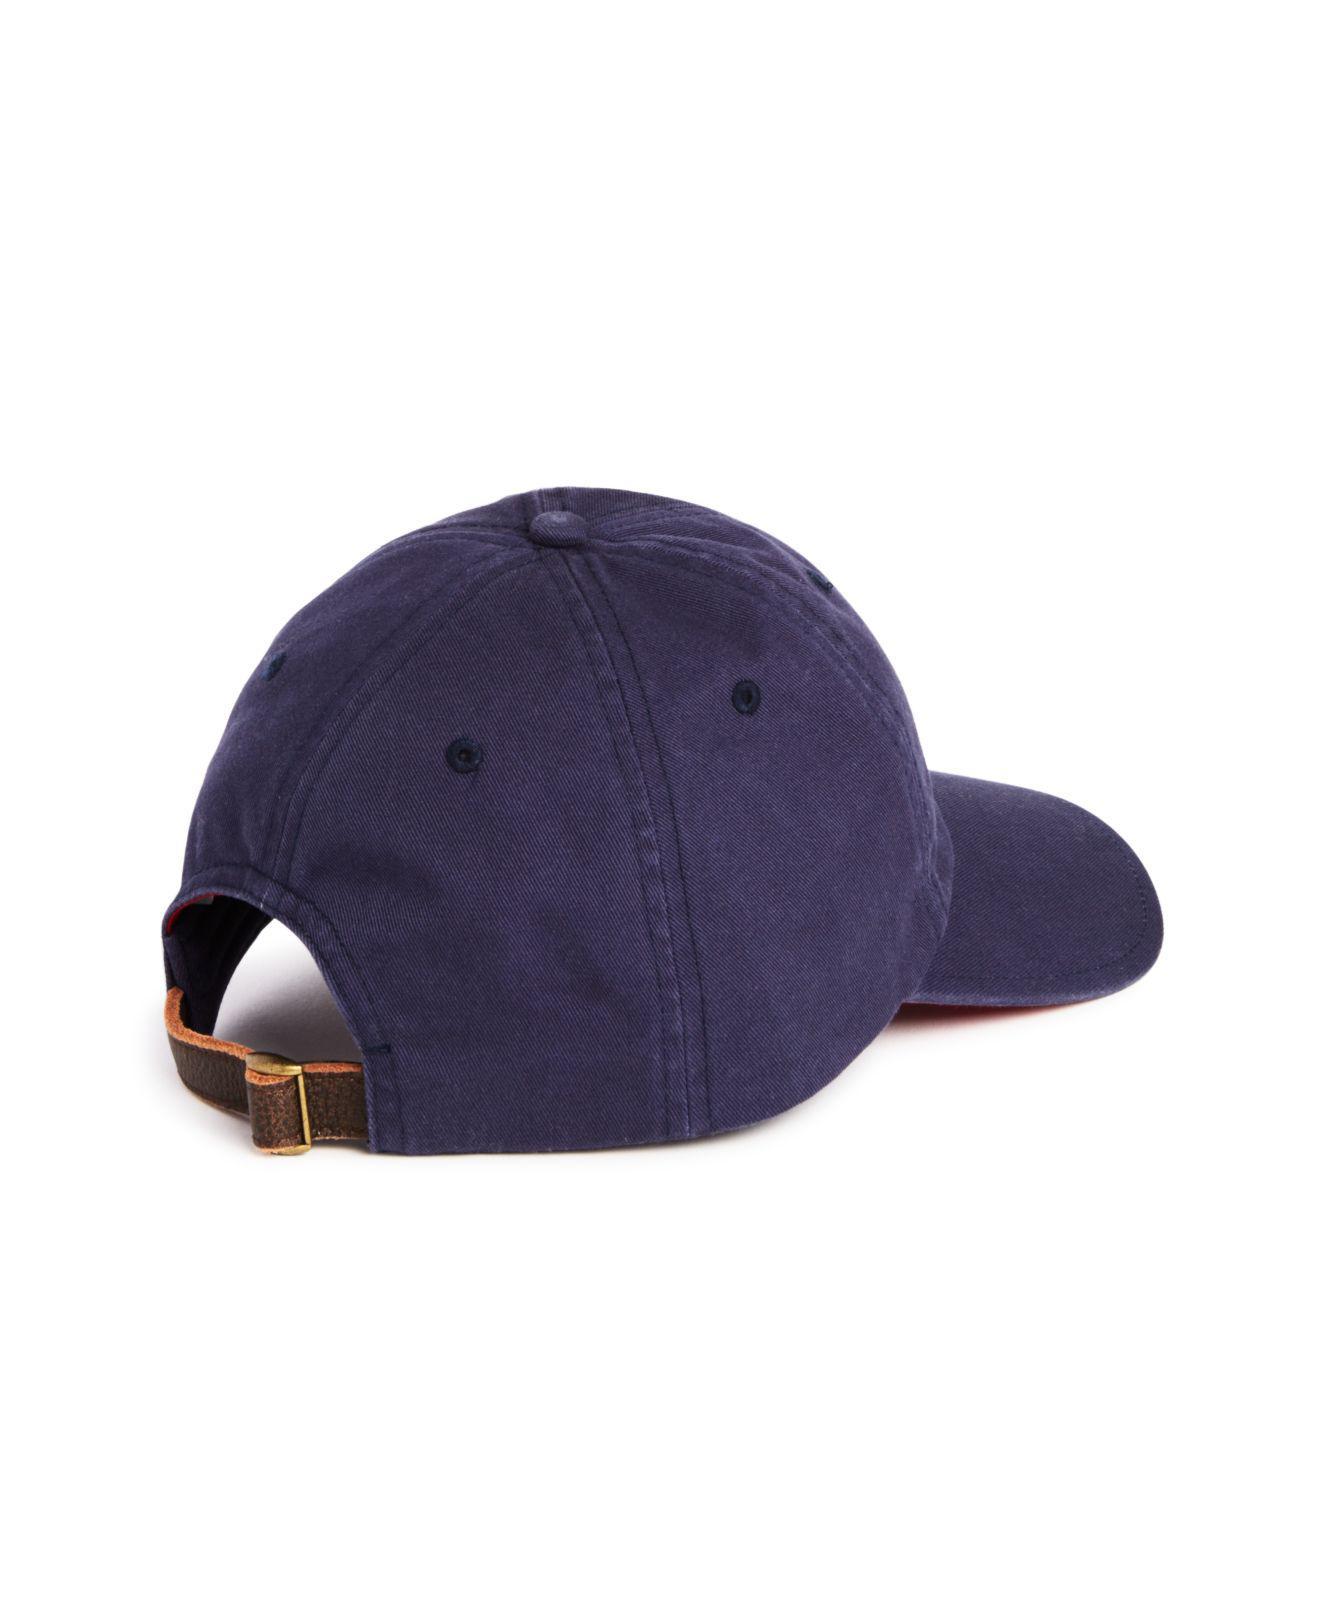 04166e23ba8 Vineyard Vines Santa Whale Mistletoe Hat in Blue for Men - Lyst